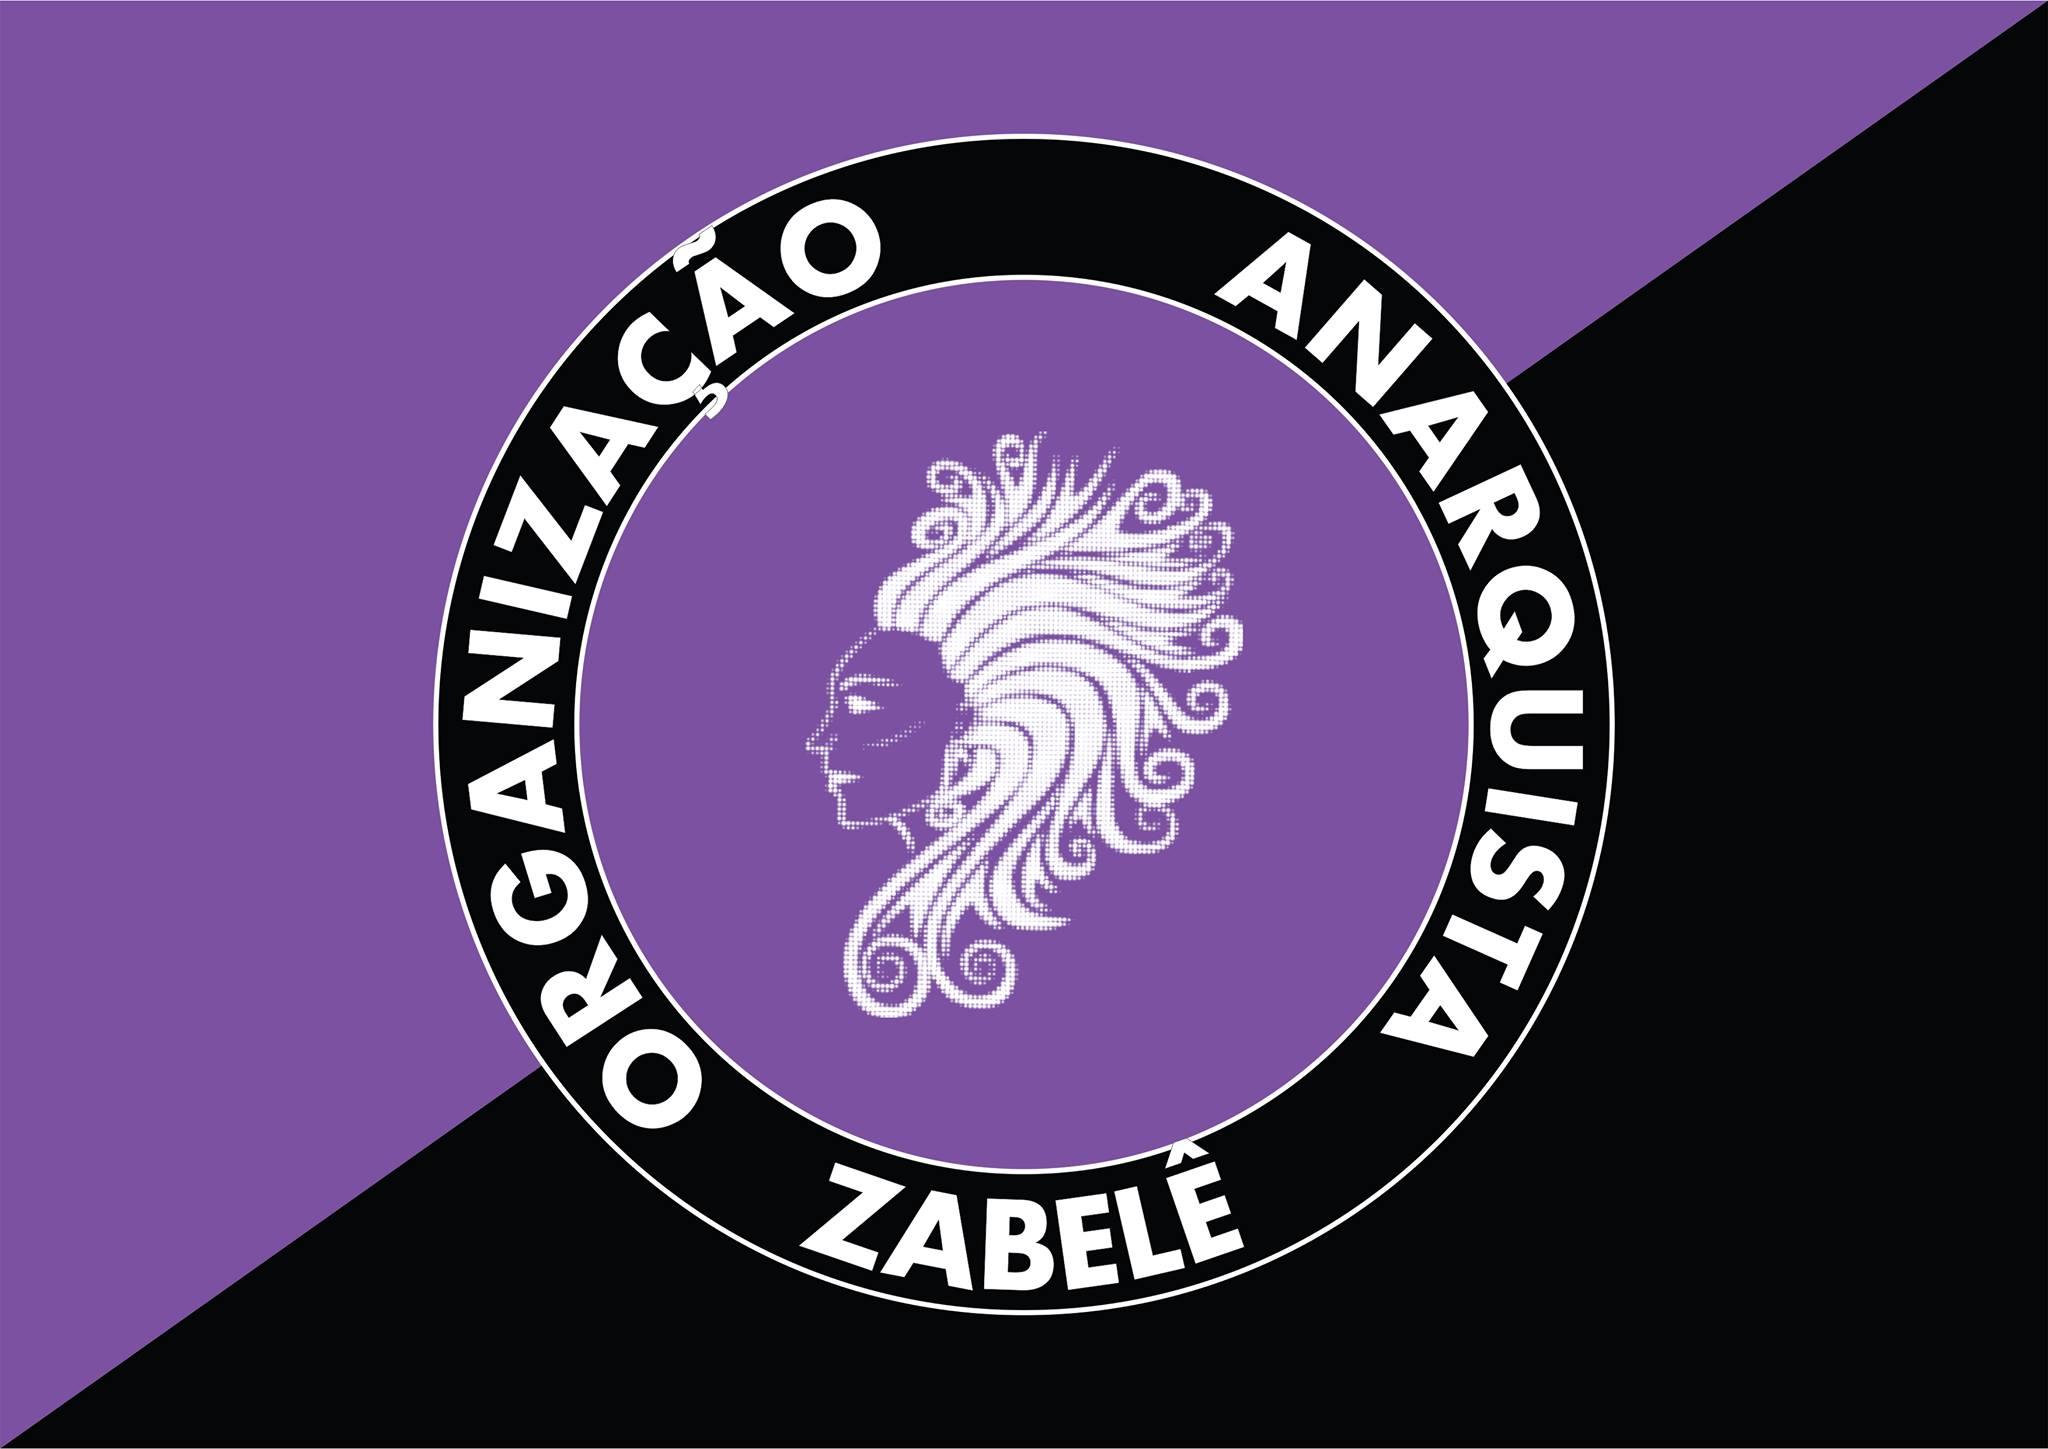 organização anarquista zabelê1